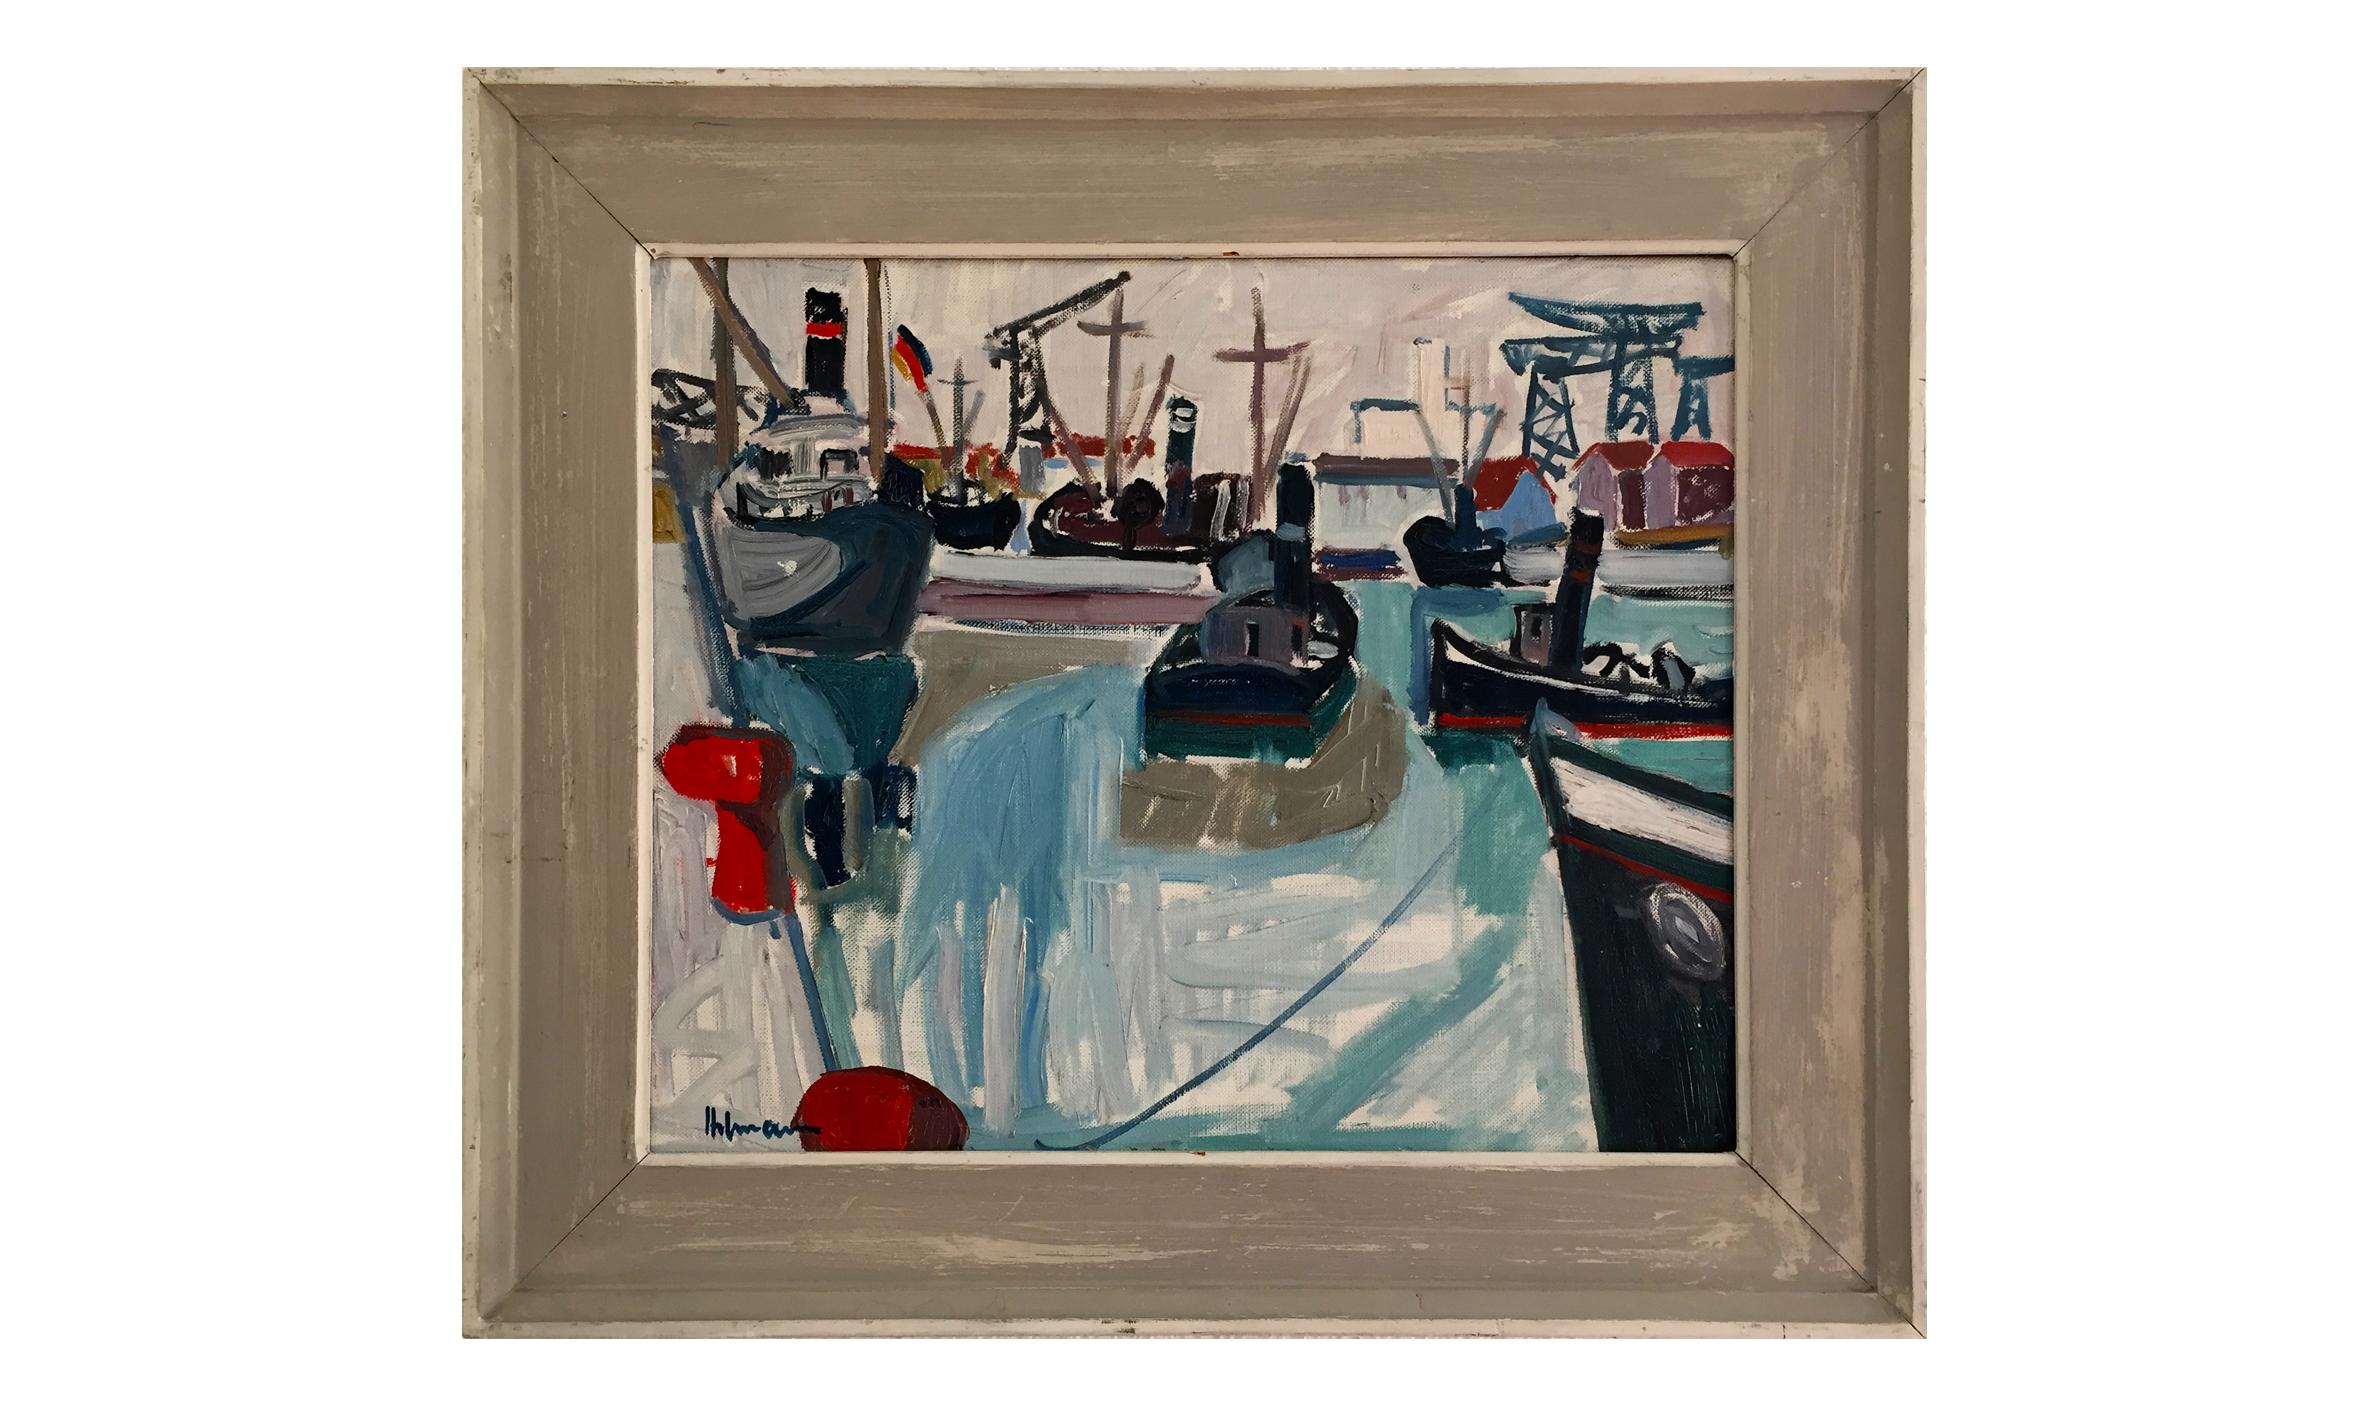 Hafen, Datum unbekannt, 46 x 39 cm, Öl auf Leinwand, Gerahmt in Künstlerrahmen Holz, grau gestrichen, CHF 1'700.–